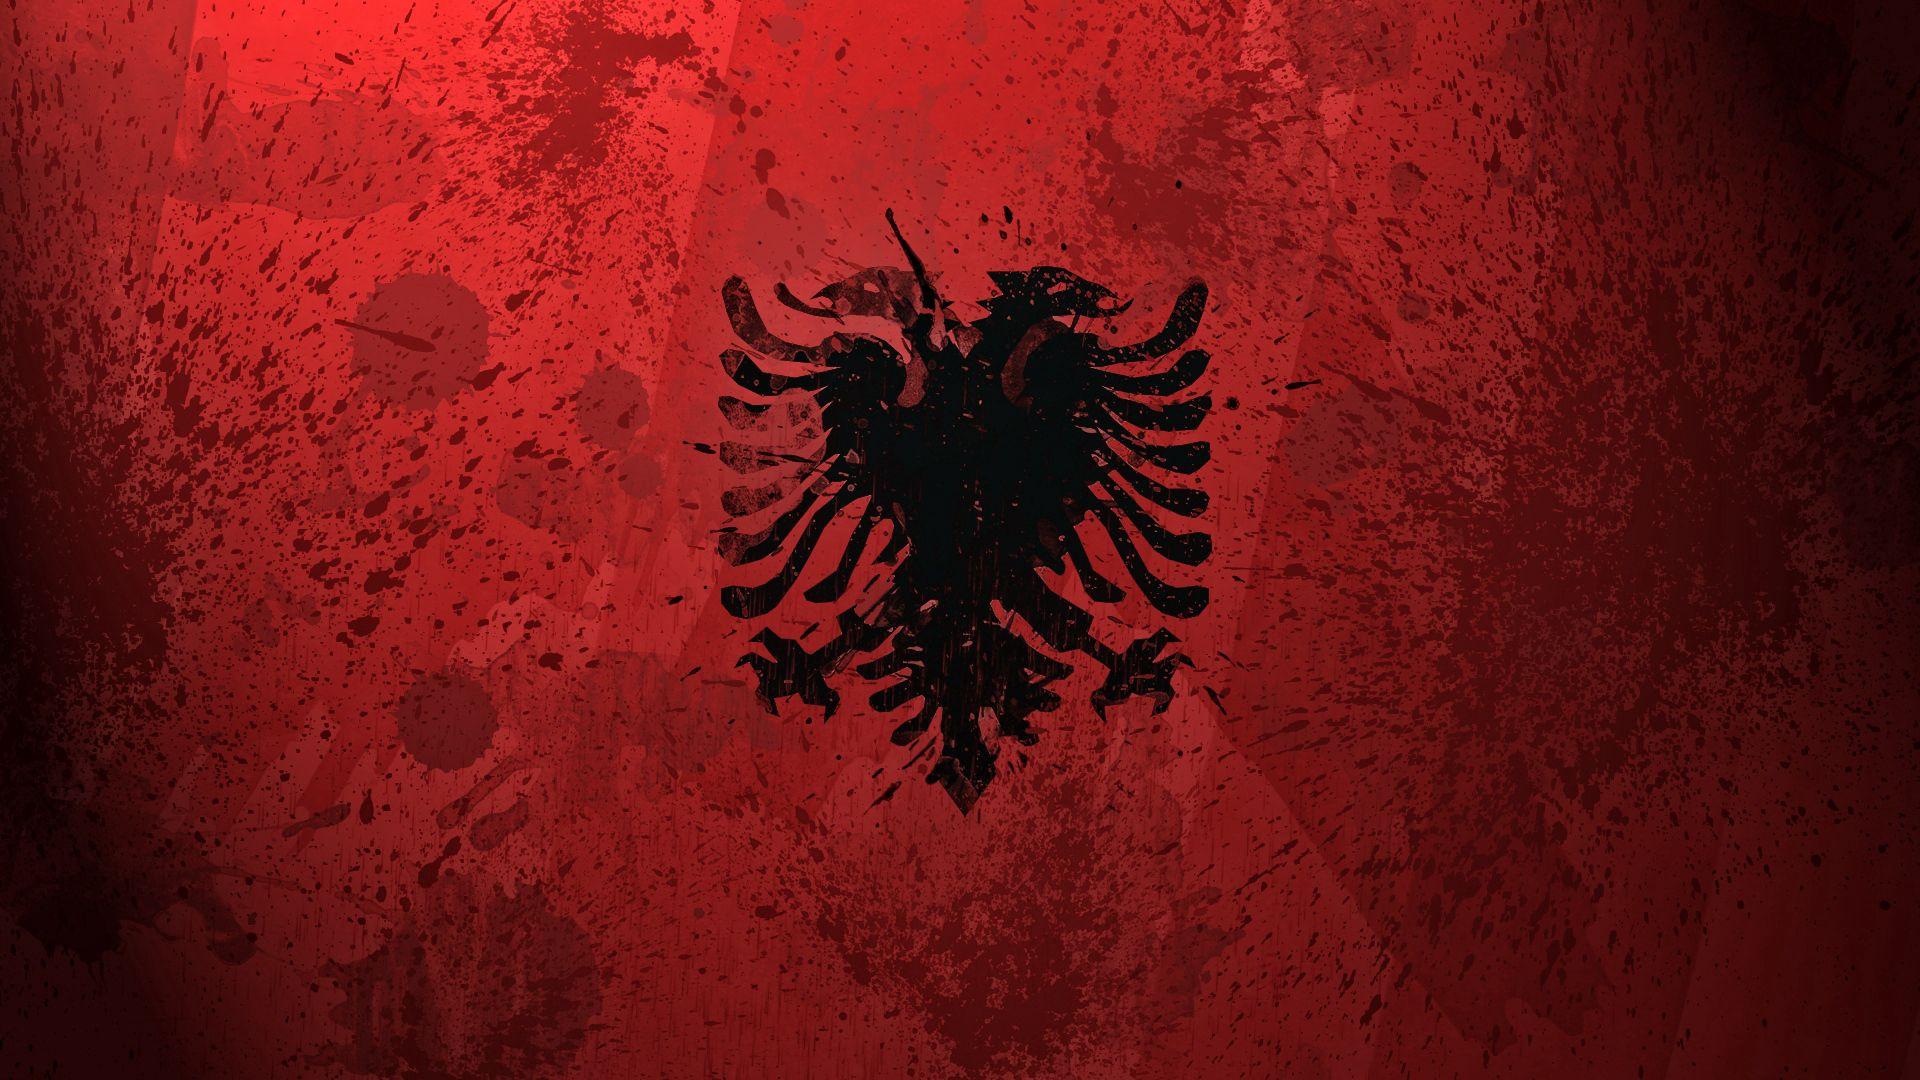 106659 Hintergrundbild herunterladen Hintergrund, Wappen, Textur, Texturen, Farbe, Flagge, Flag, Symbolismus, Symbolik, Albanien - Bildschirmschoner und Bilder kostenlos